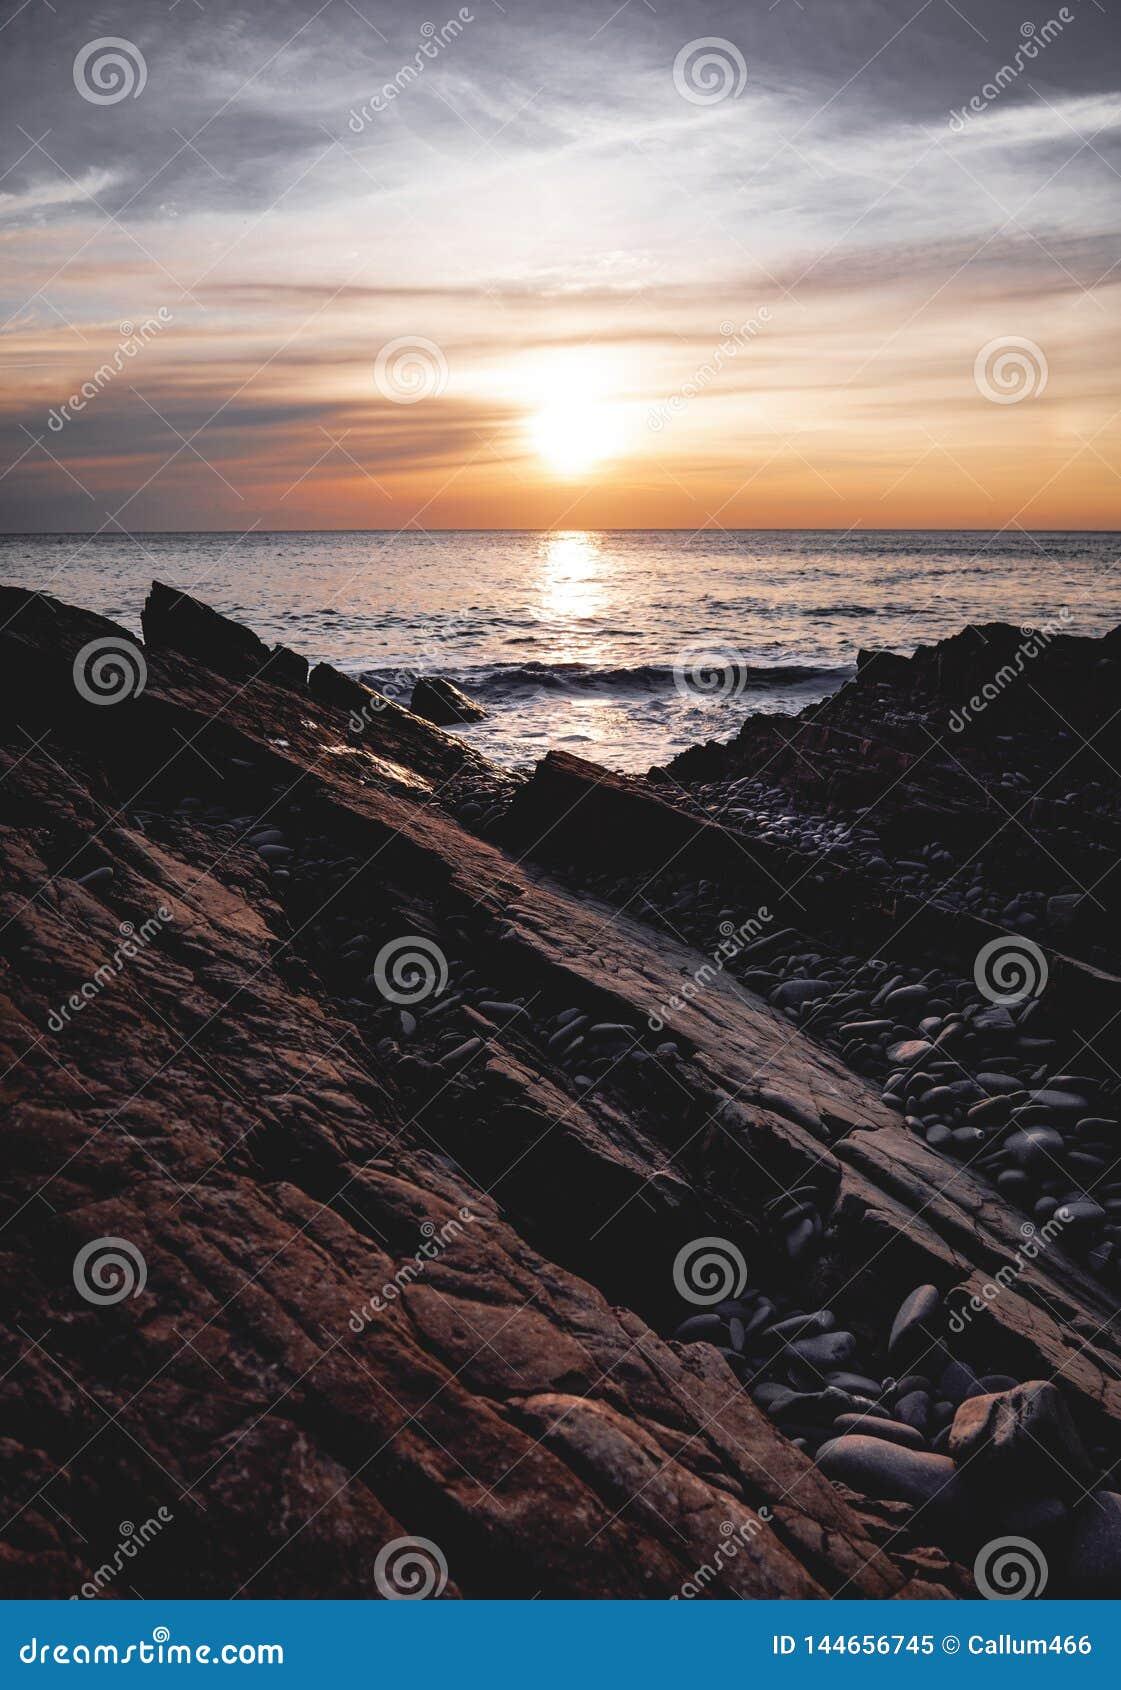 Italienischer Landsitz auf einem Abgrund, der in See Como hervorsteht